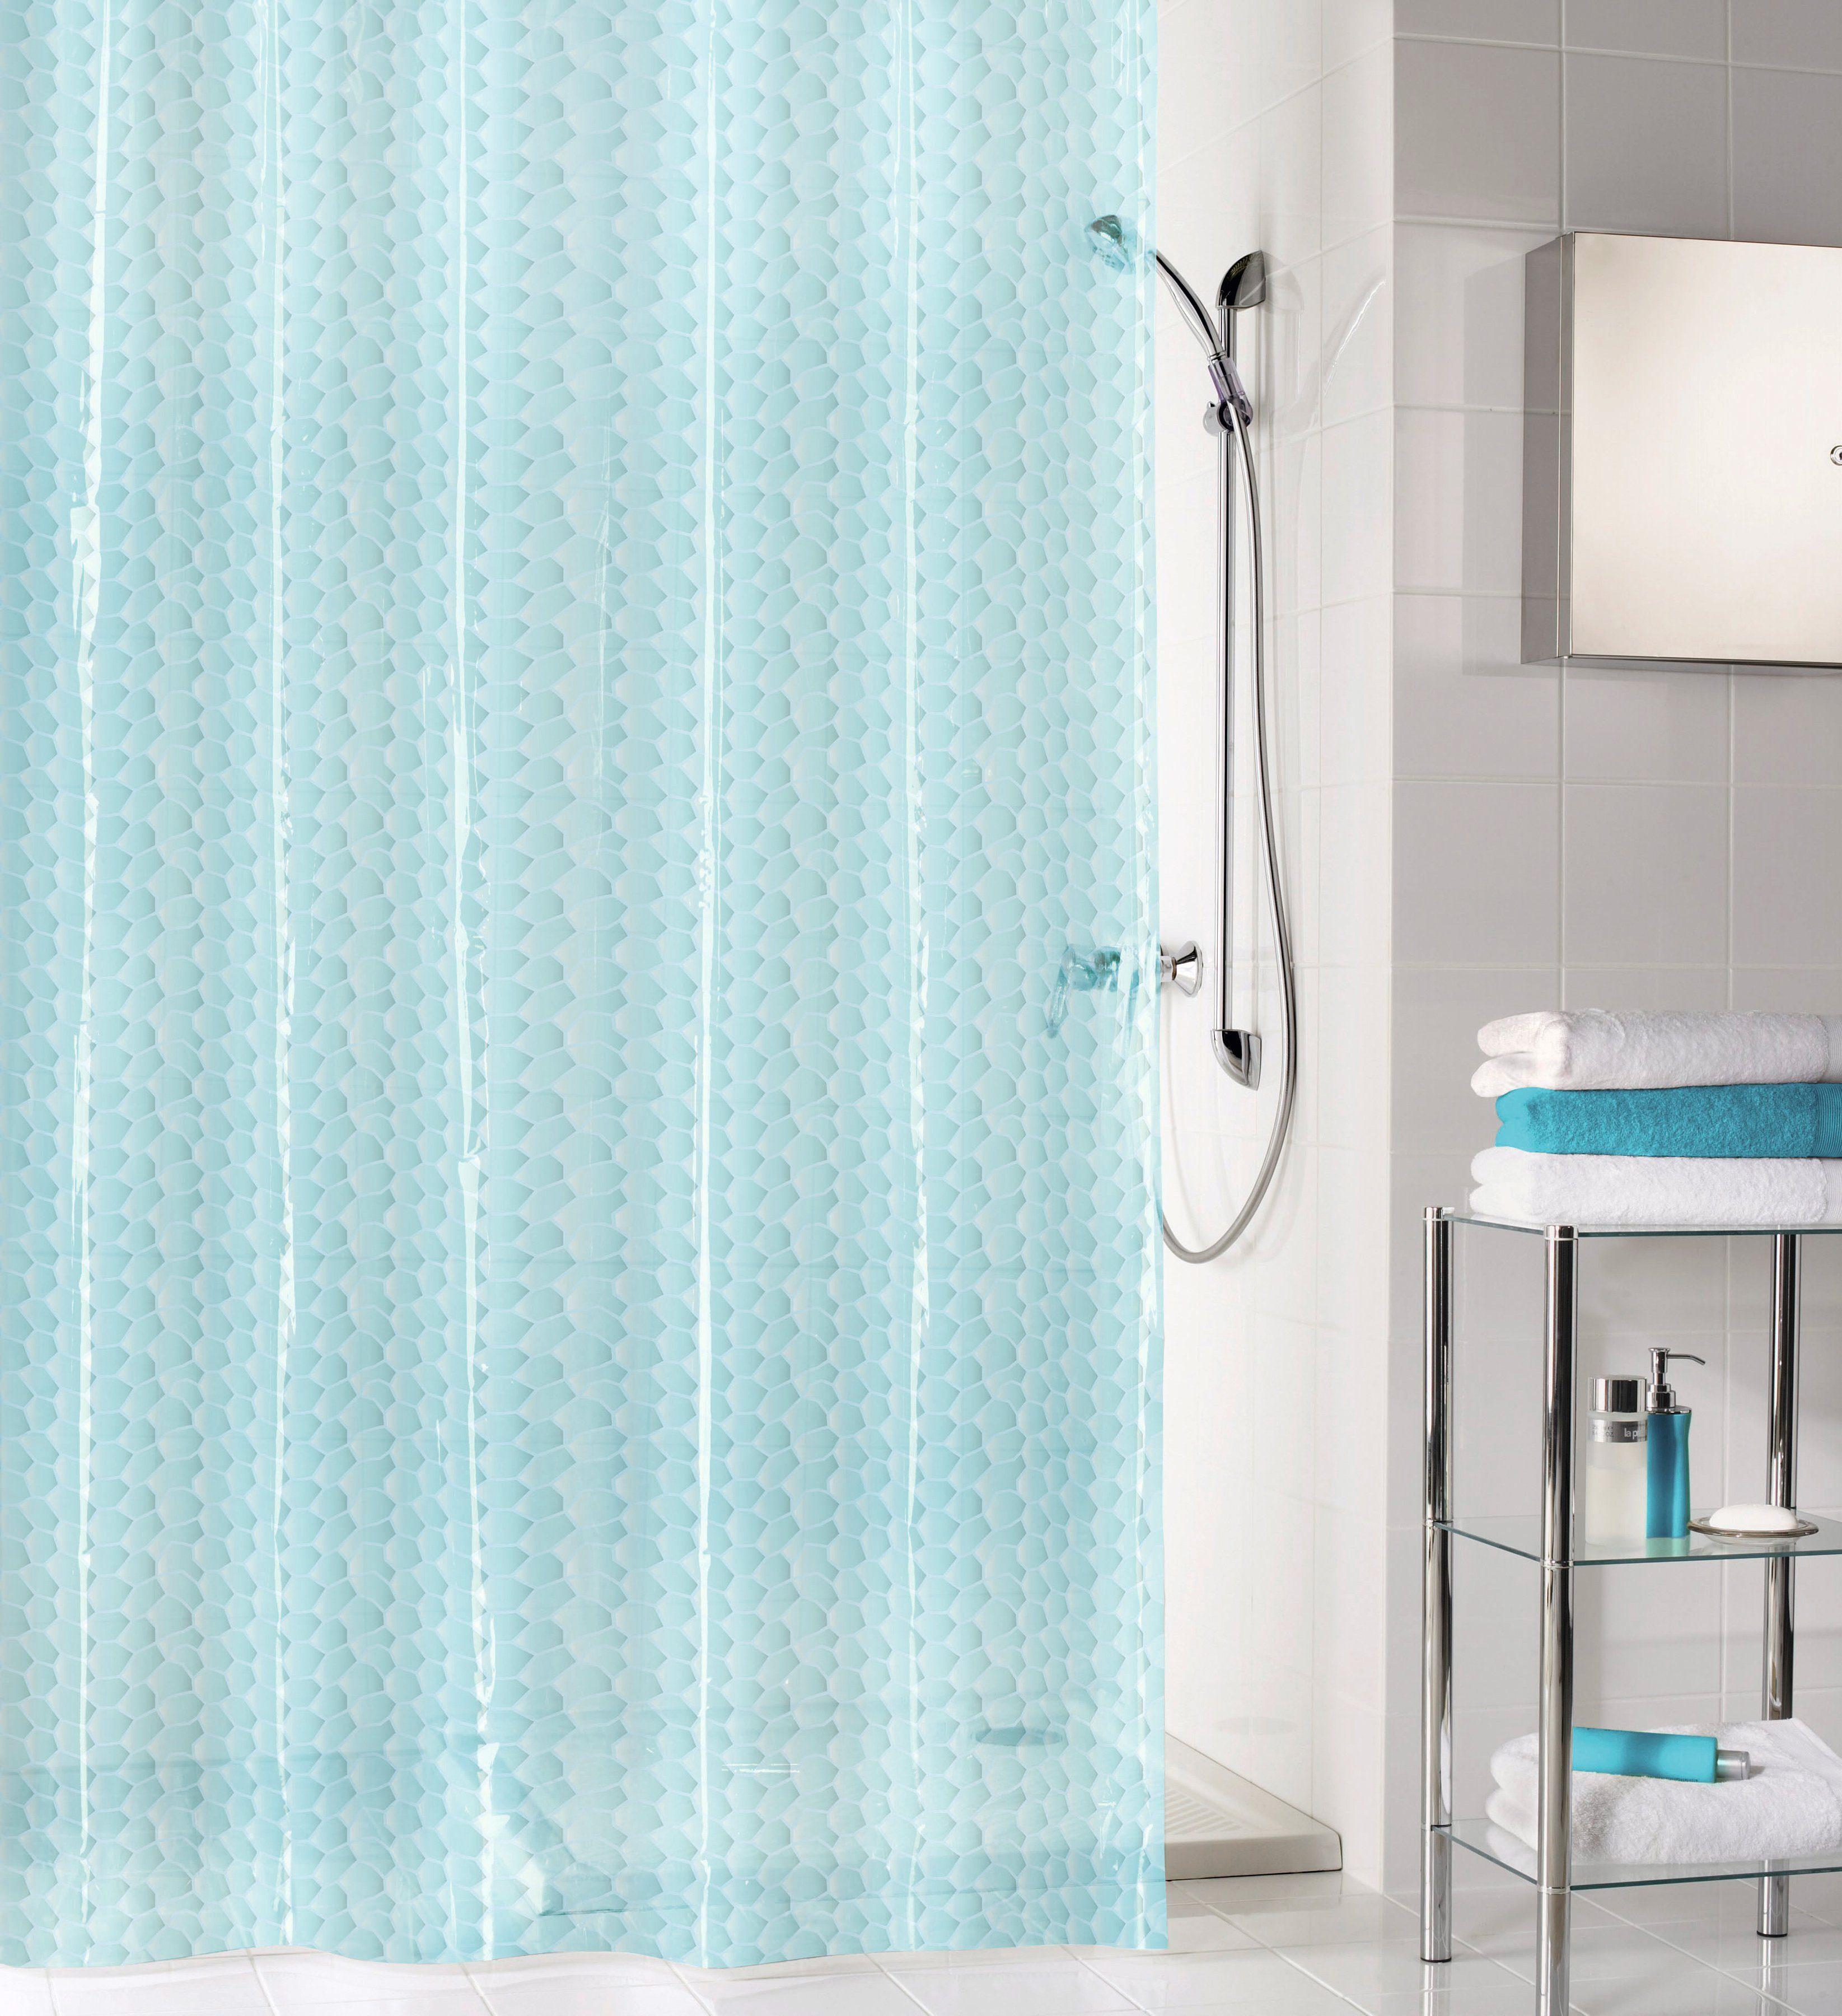 Kleine Wolke Duschvorhang Soapy 180 Cm Breite Otto